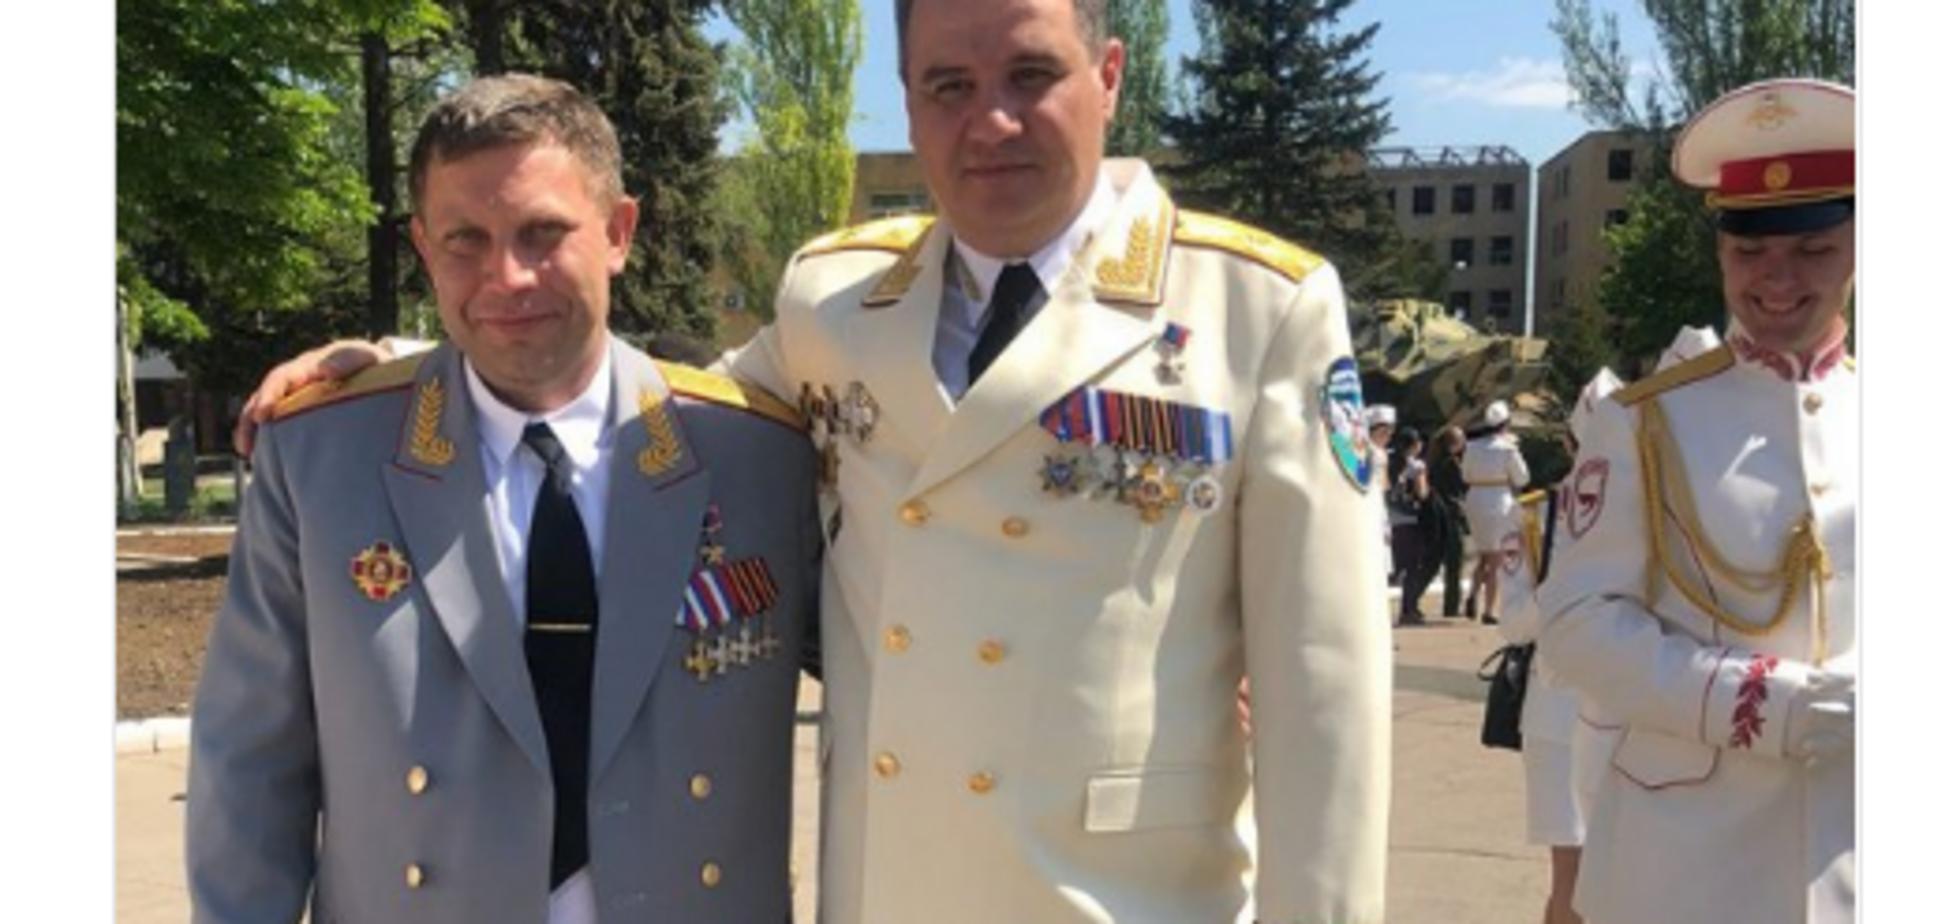 'Ряженые генералы': в сети высмеяли фото главарей 'ДНР'